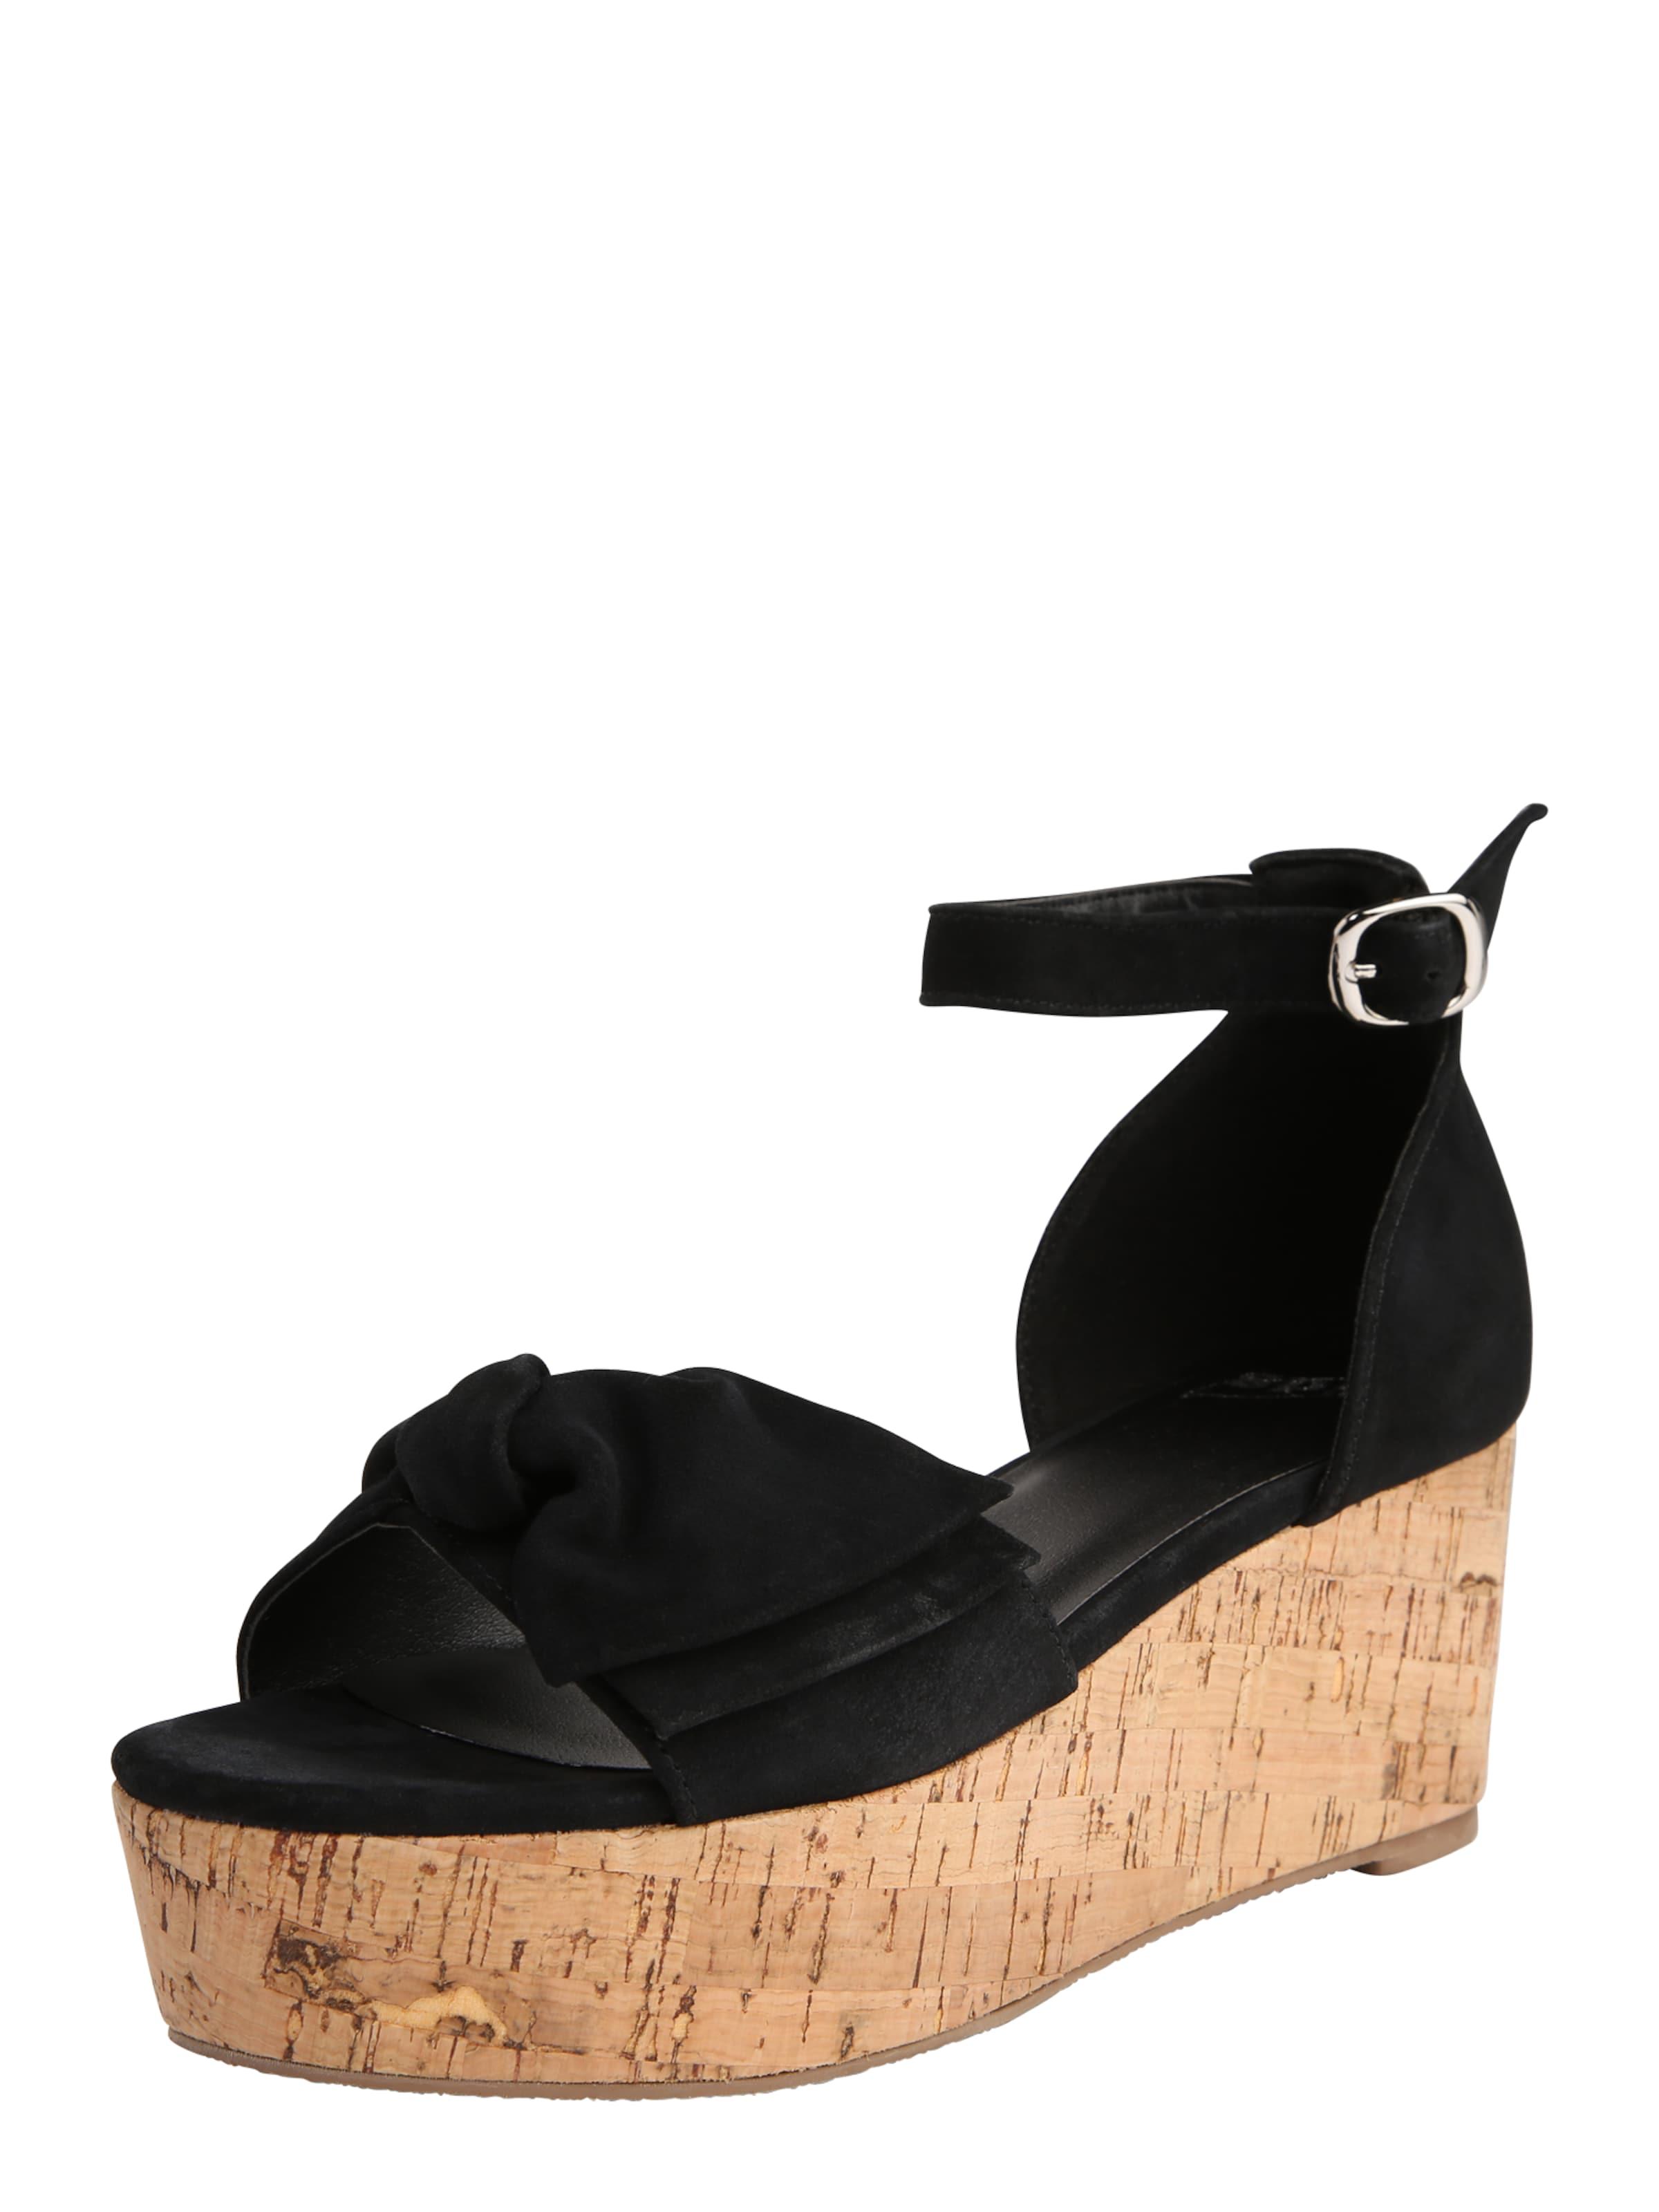 SPM Sandale Firenze Verschleißfeste billige Schuhe